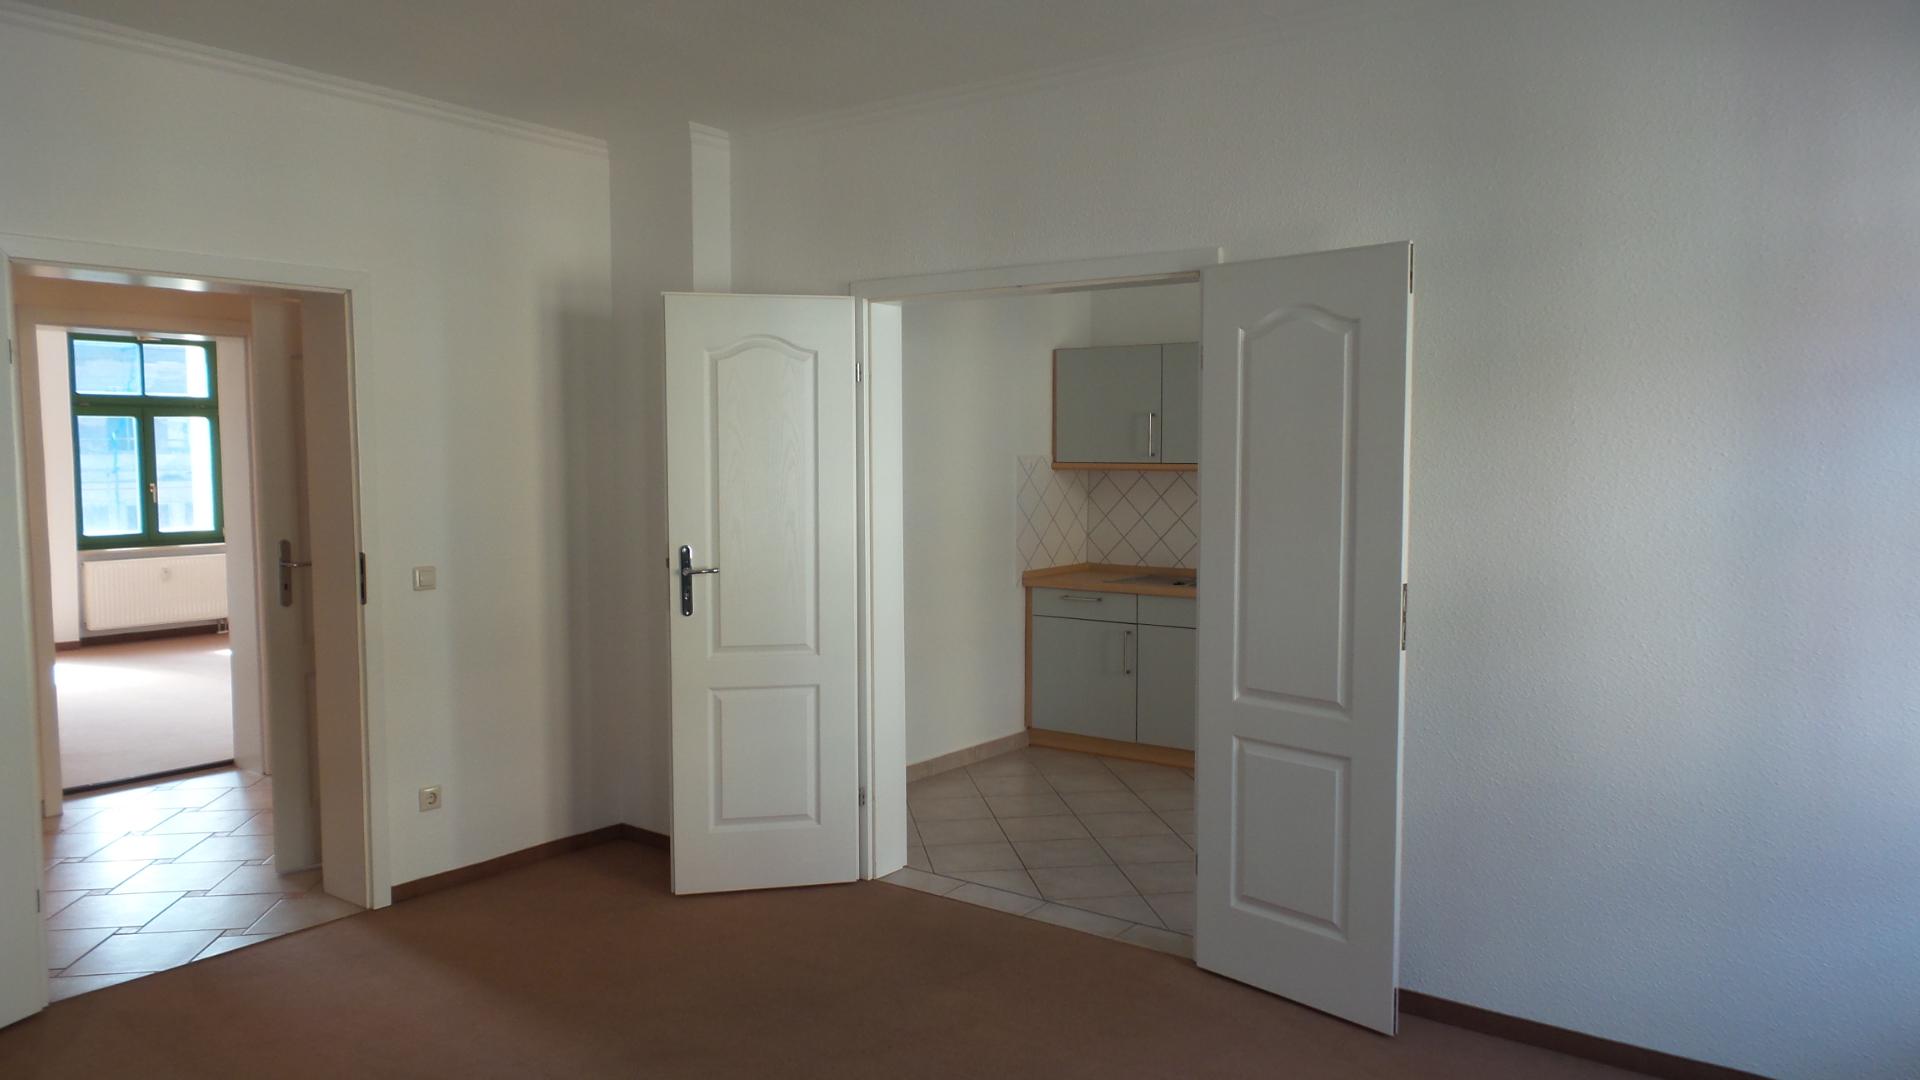 Mietwohnung: Vermietung von 2-Raum-Wohnung in Görlitz, Emmerichstraße 15